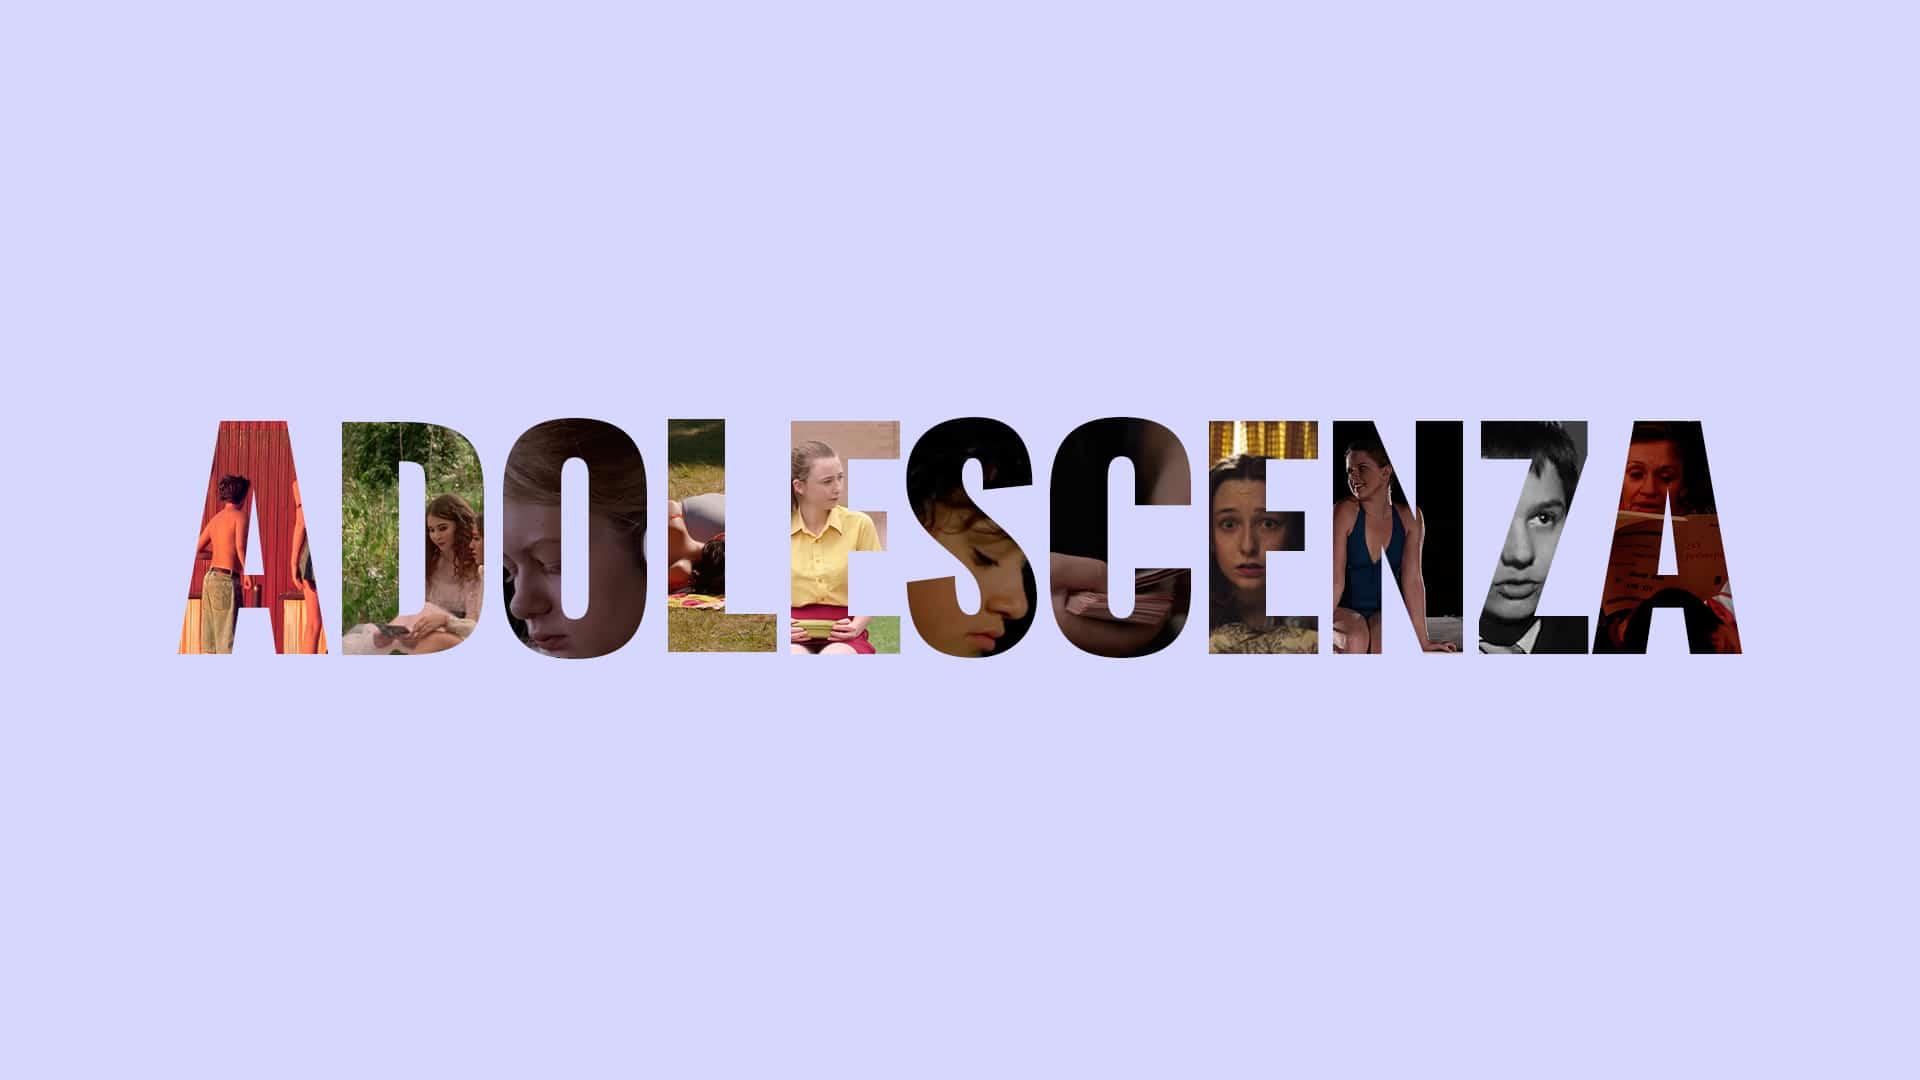 film sull'adolescenza